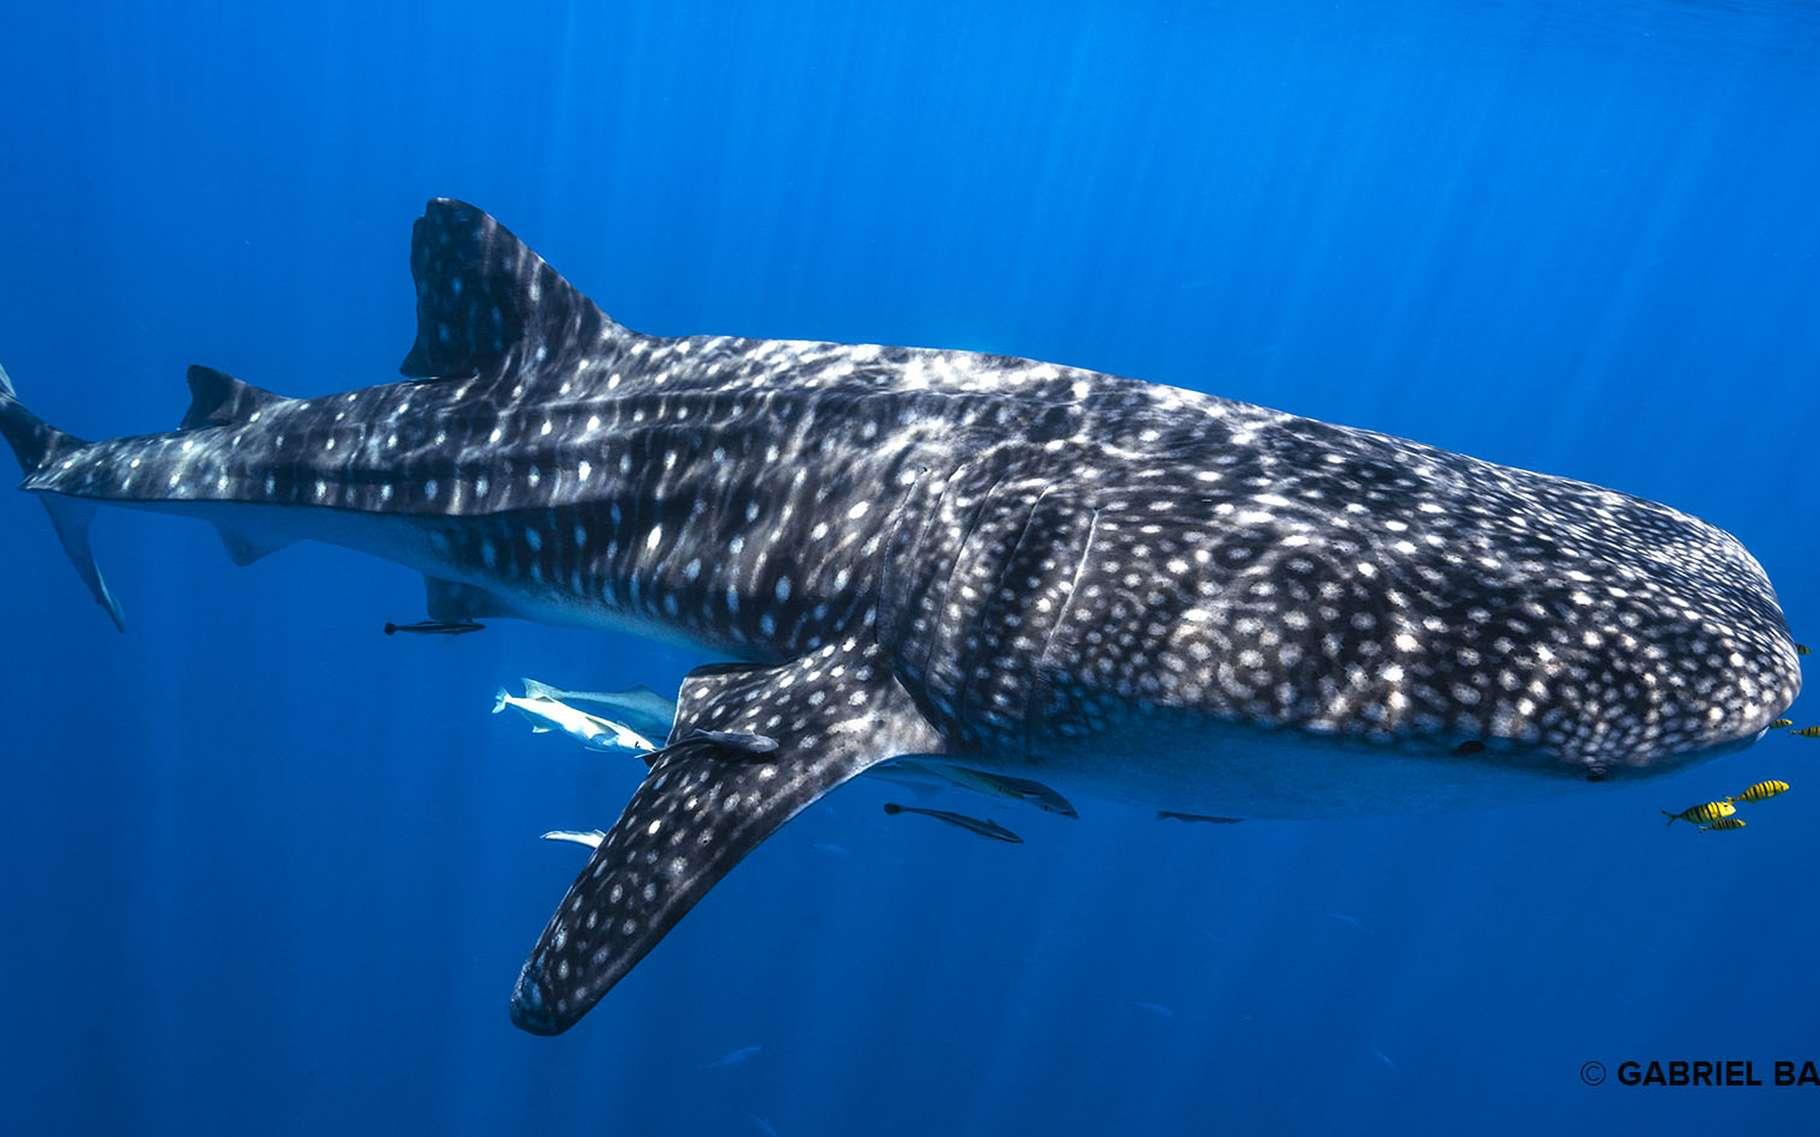 Un requin-baleine et ses carangues royales, plongeant dans le bleu profond ! Ce requin-baleine suit un banc de poissons qui le mène à sa nourriture : le plancton. © Gabriel Barathieu, tous droits réservés